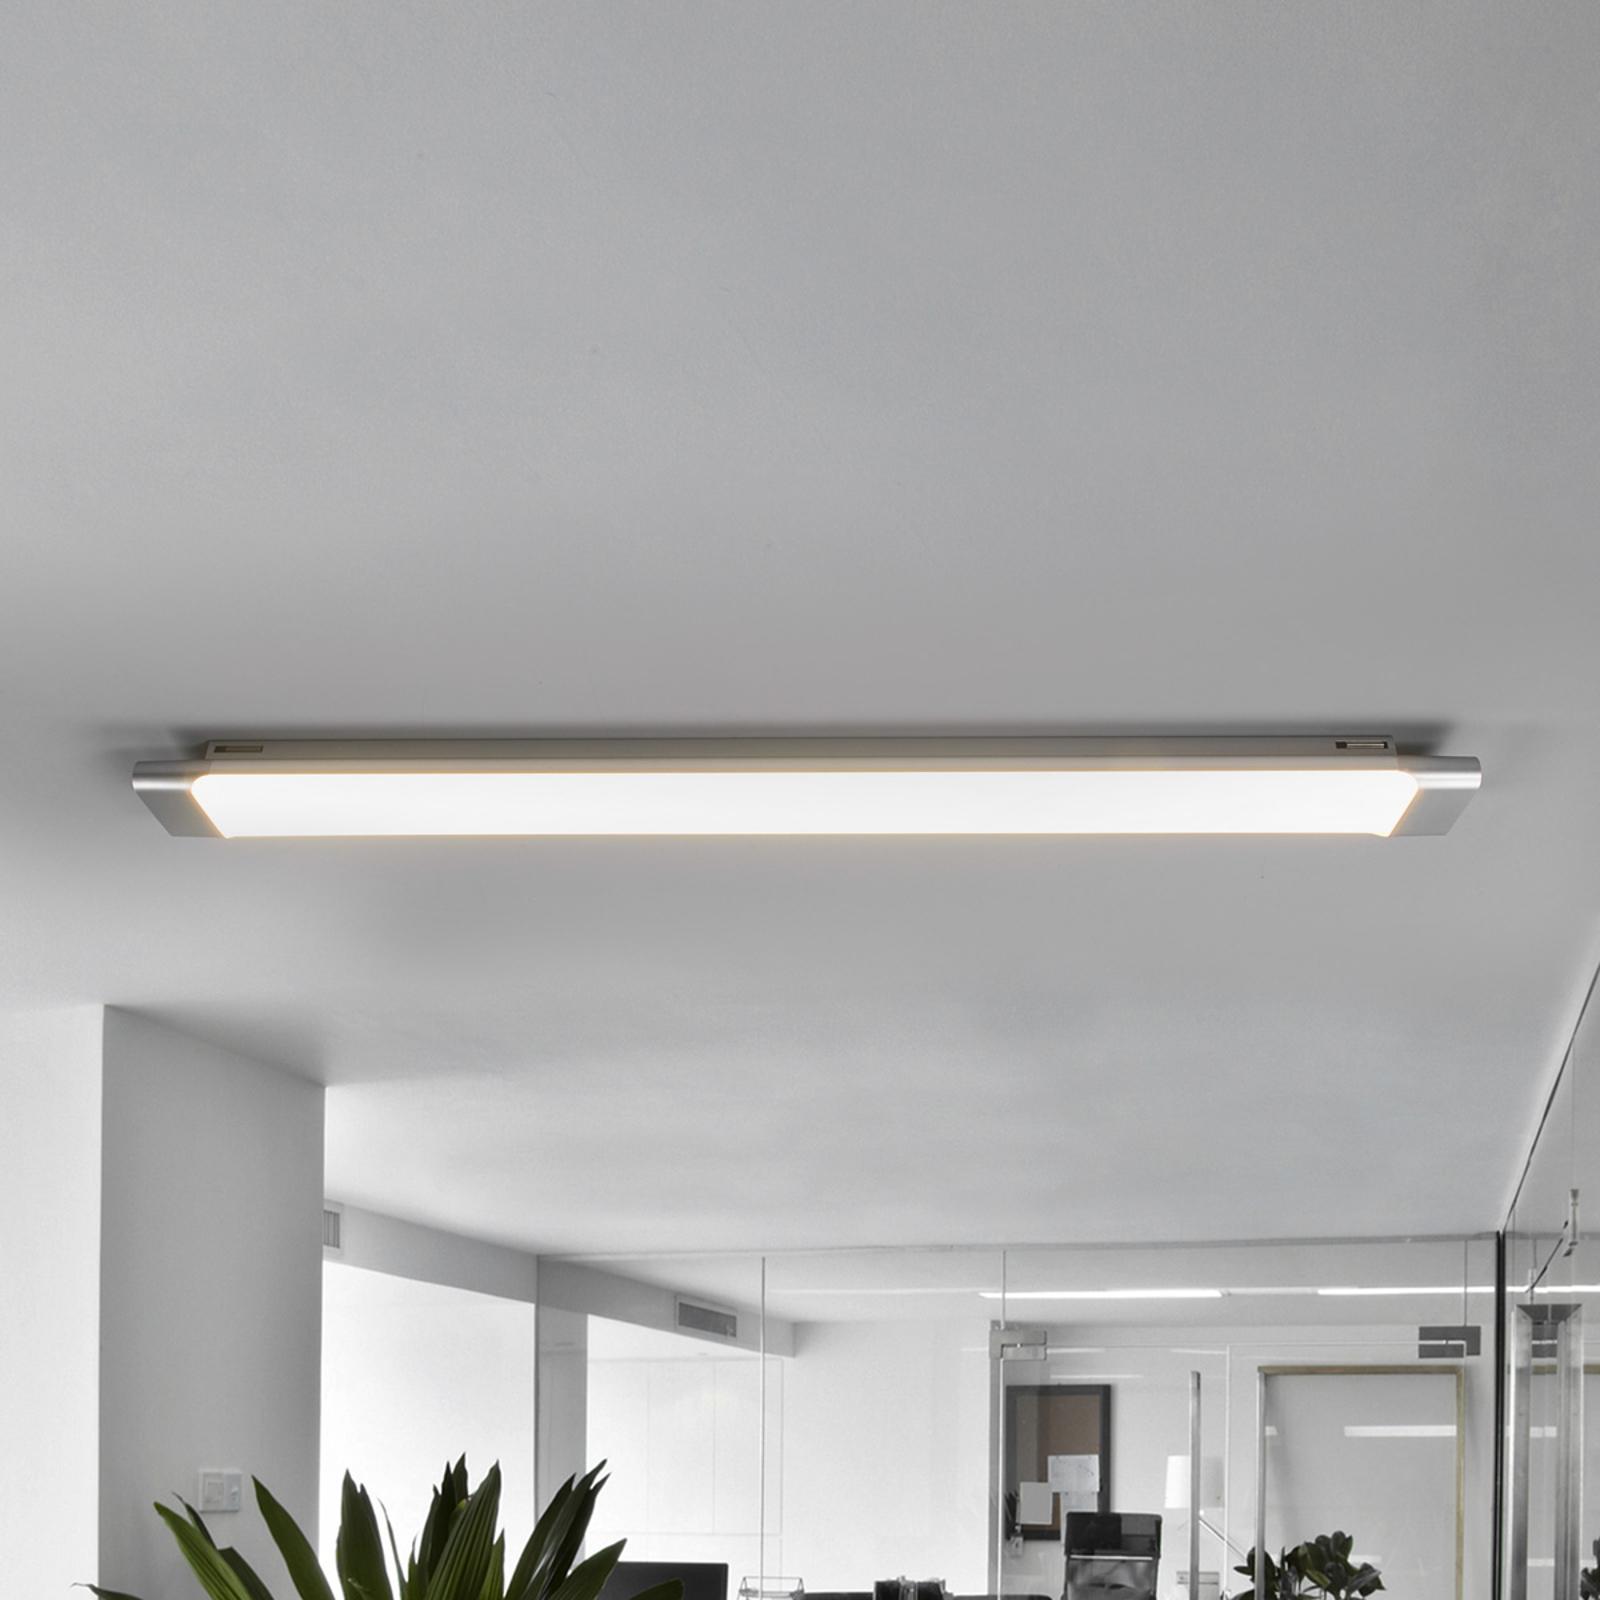 Praktisk LED-taklampa Vinca, 90 cm